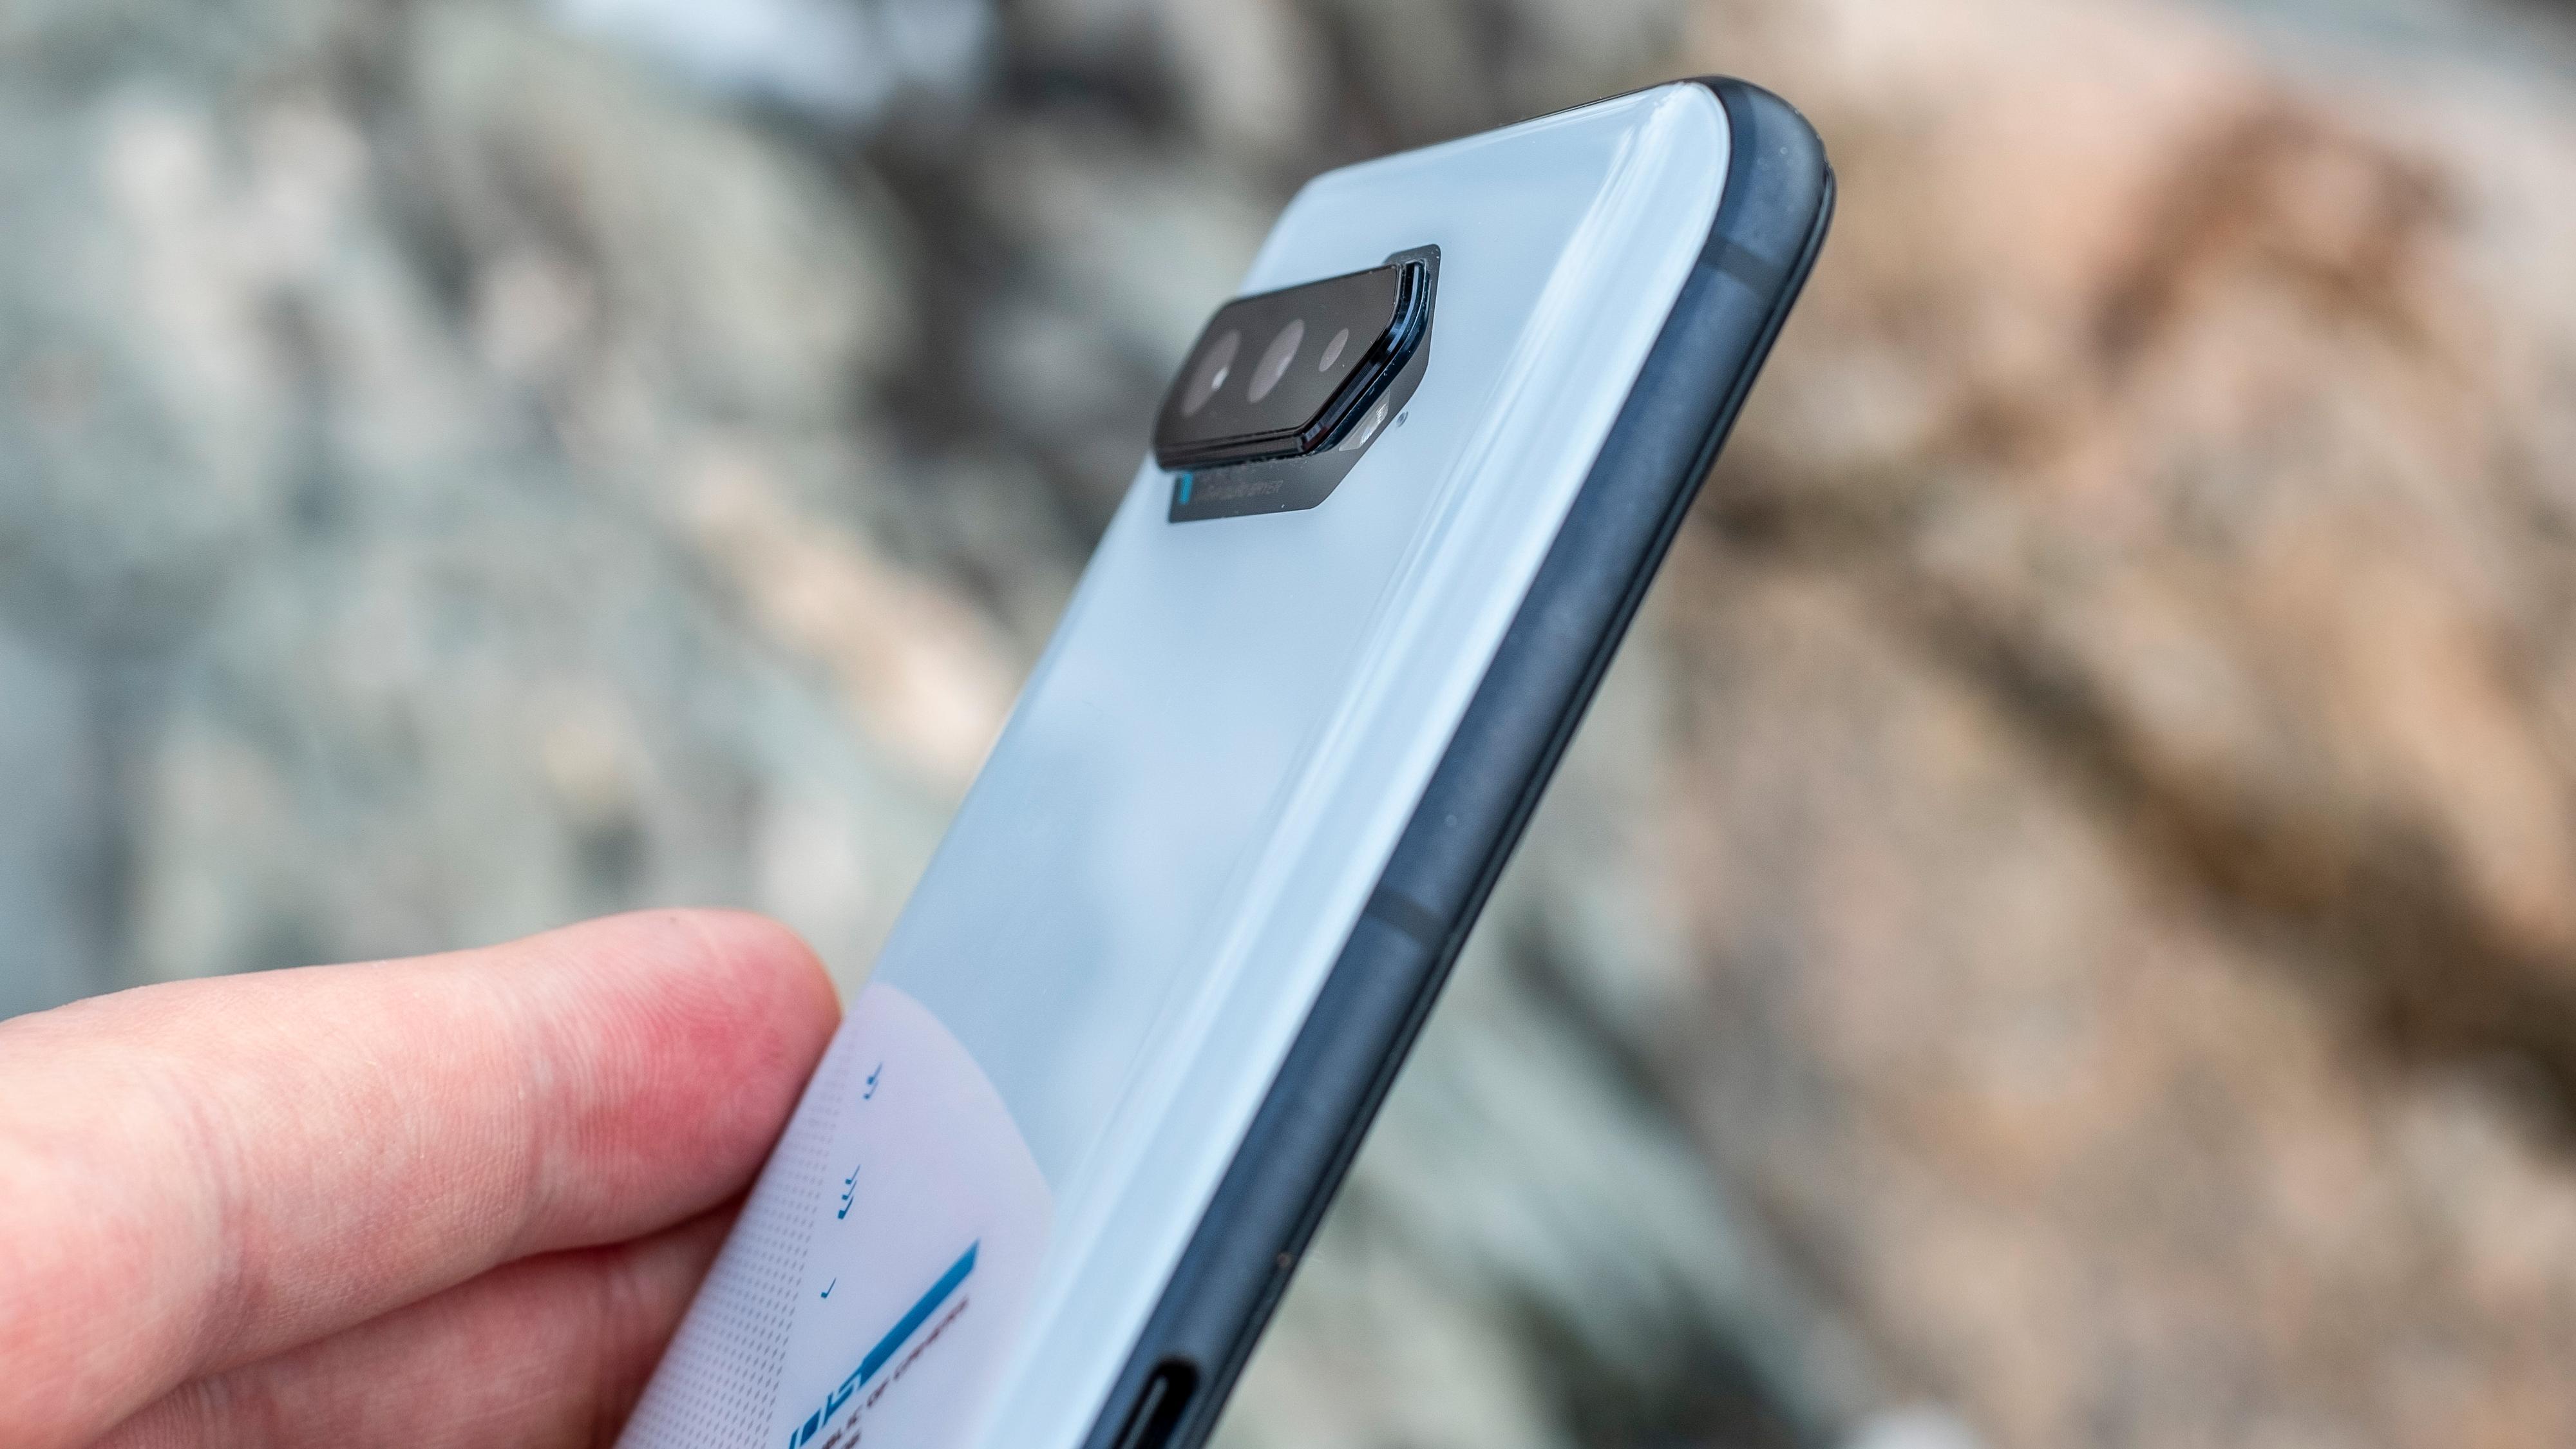 Kamerabumpen på baksiden stikker litt ut, men er av beskjeden størrelse sammenliknet med de heftigste telefonene, så som Galaxy S21 Ultra eller iPhone 12 Pro Max.